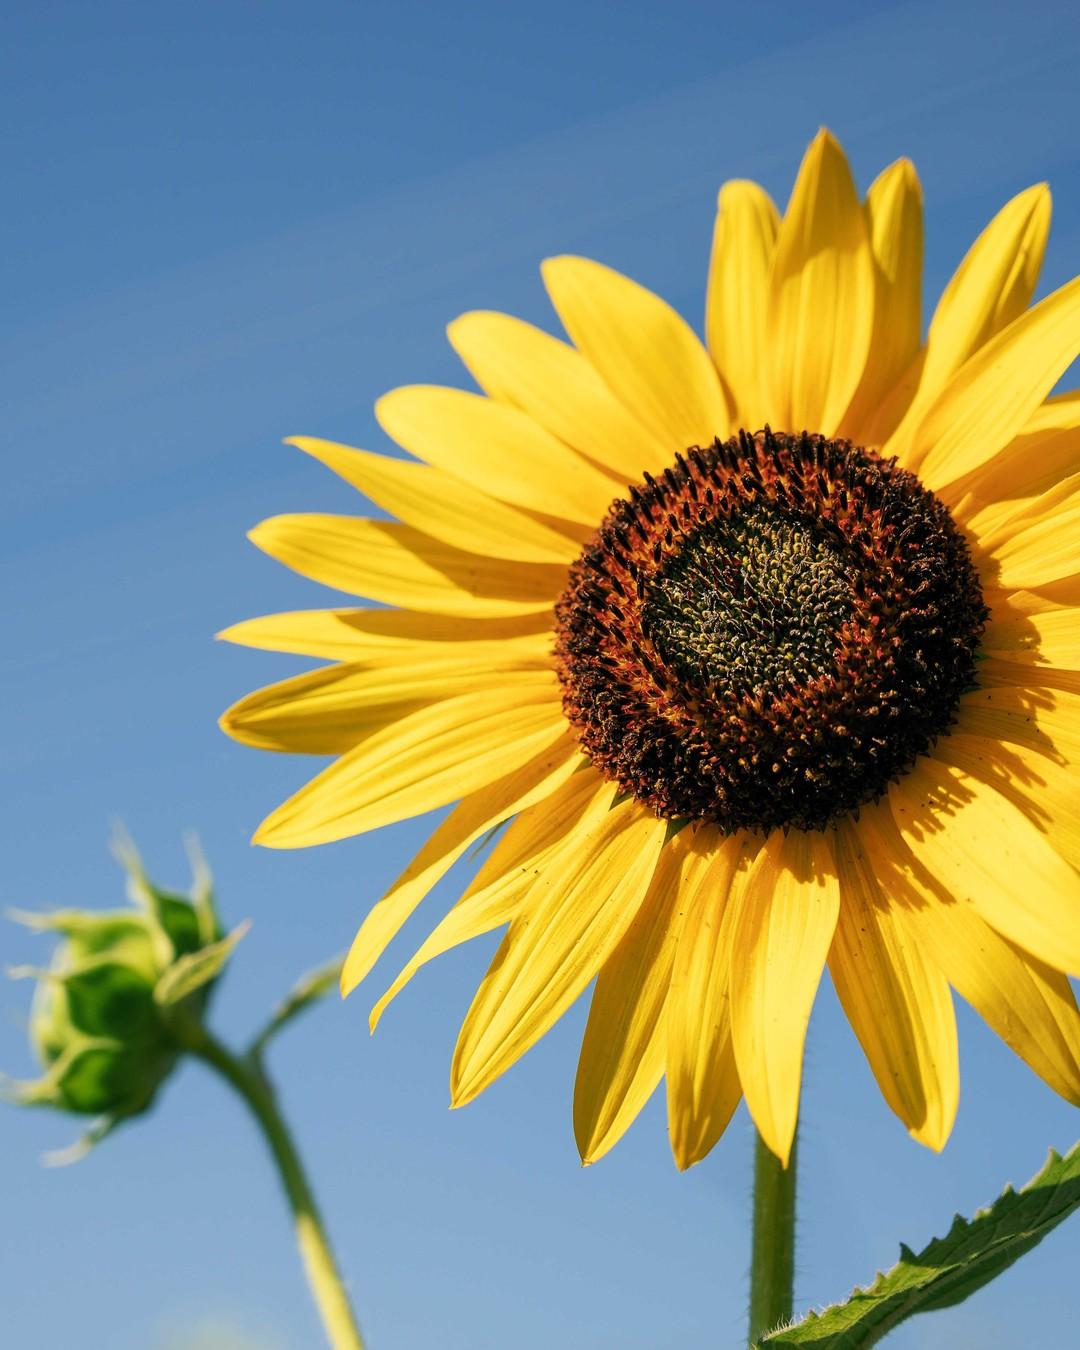 Twarzą do słońca. #słoneczniki #sunflowers #sunflower #kwiaty #lato #photography #wakacje #poland #summer #słonecznik #polska #warsaw #photo #flowers #kolory #love #sierpień #spring #nature #dress #flowerpower #instapic #follow #beautiful #bukiet #likeit #instaphoto #ogród #flowerstagram #kochamlato